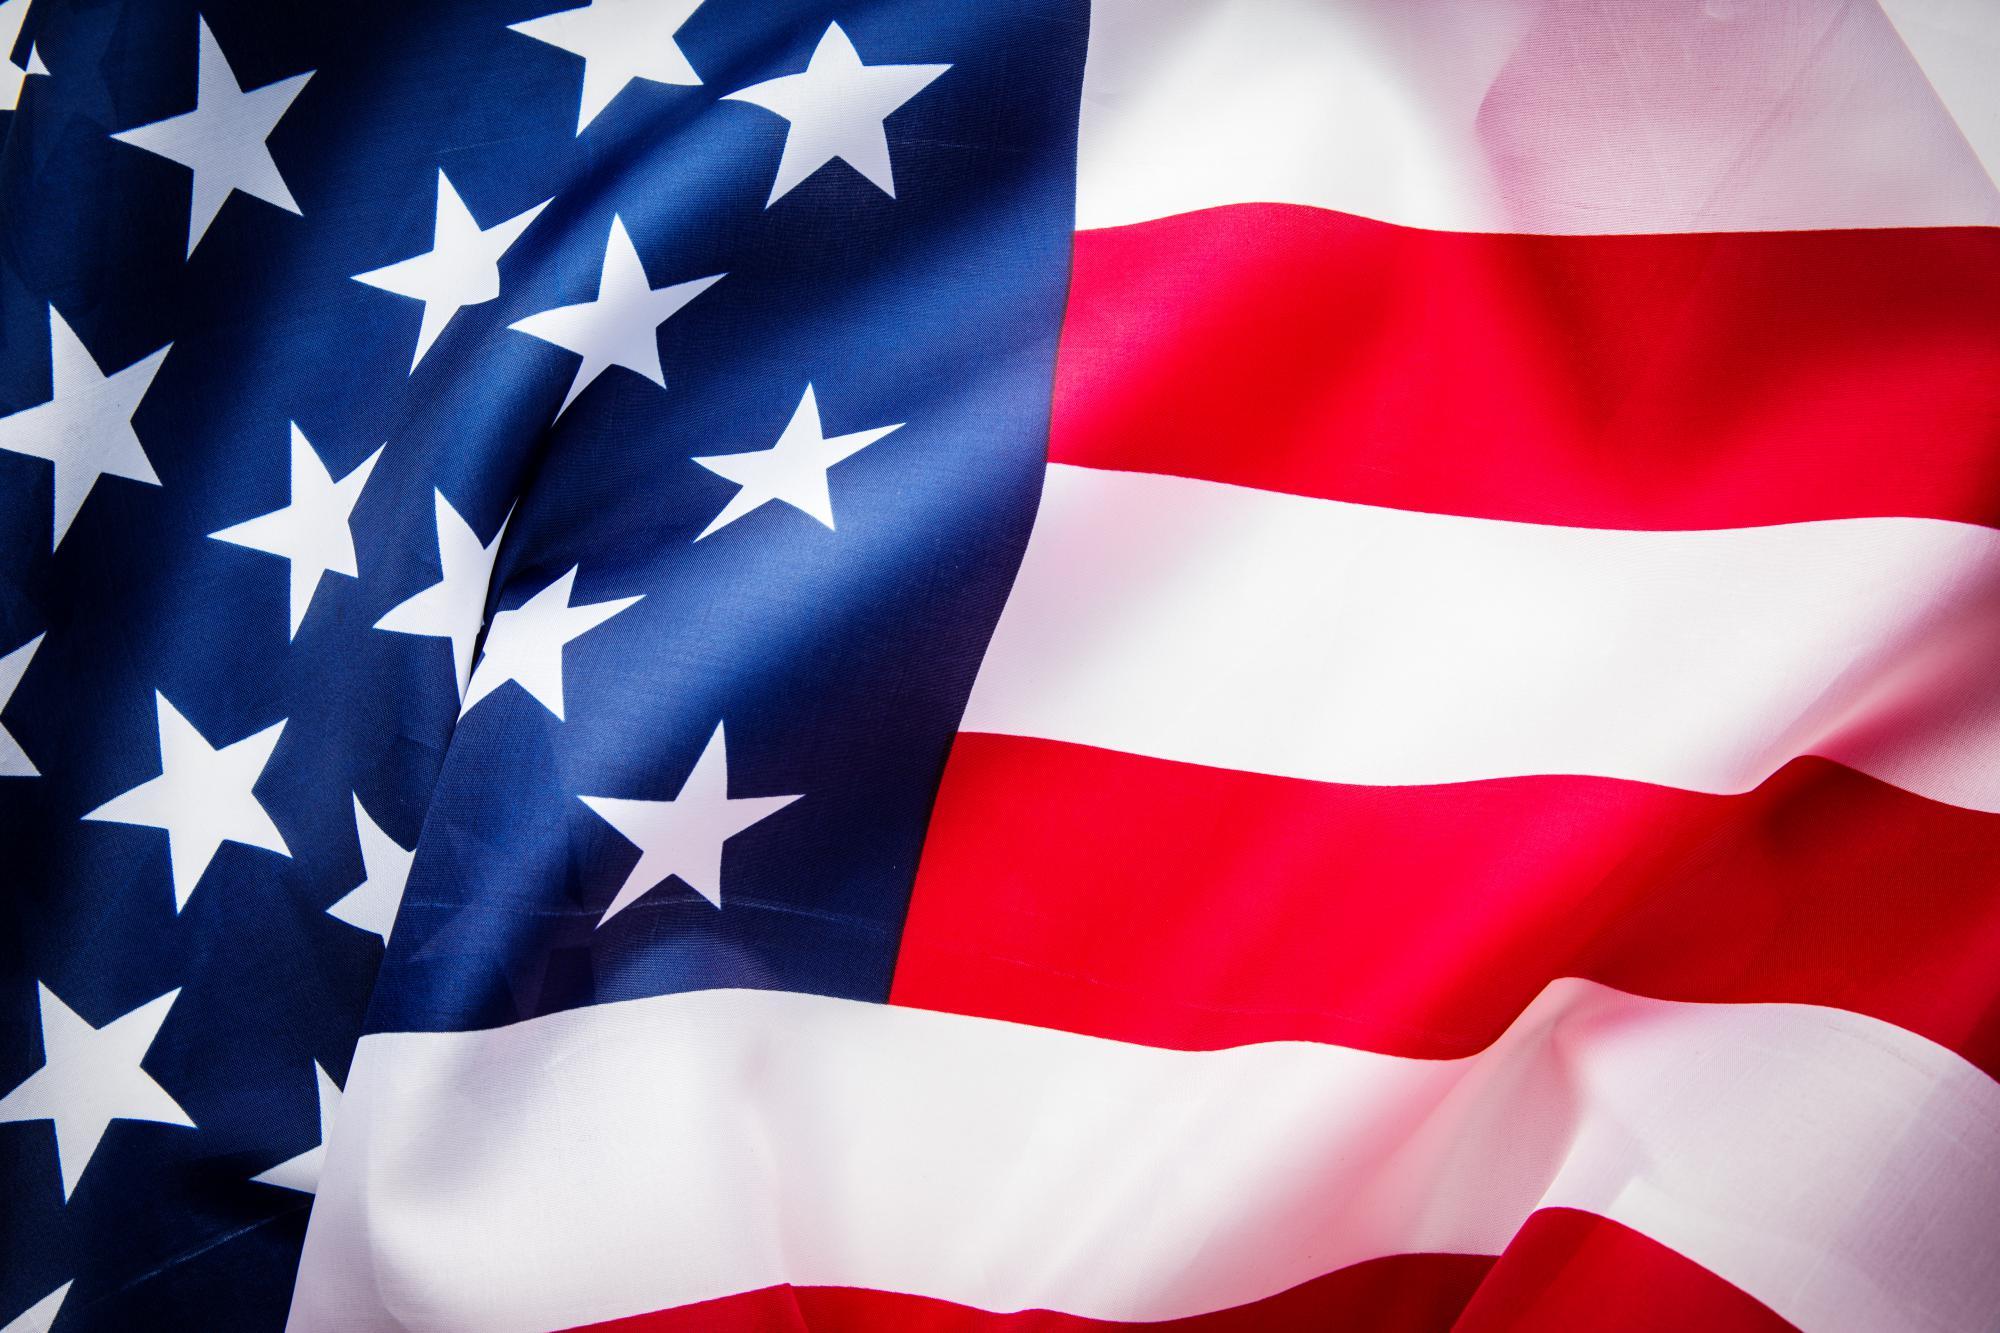 США представили новую Модельную налоговую конвенцию